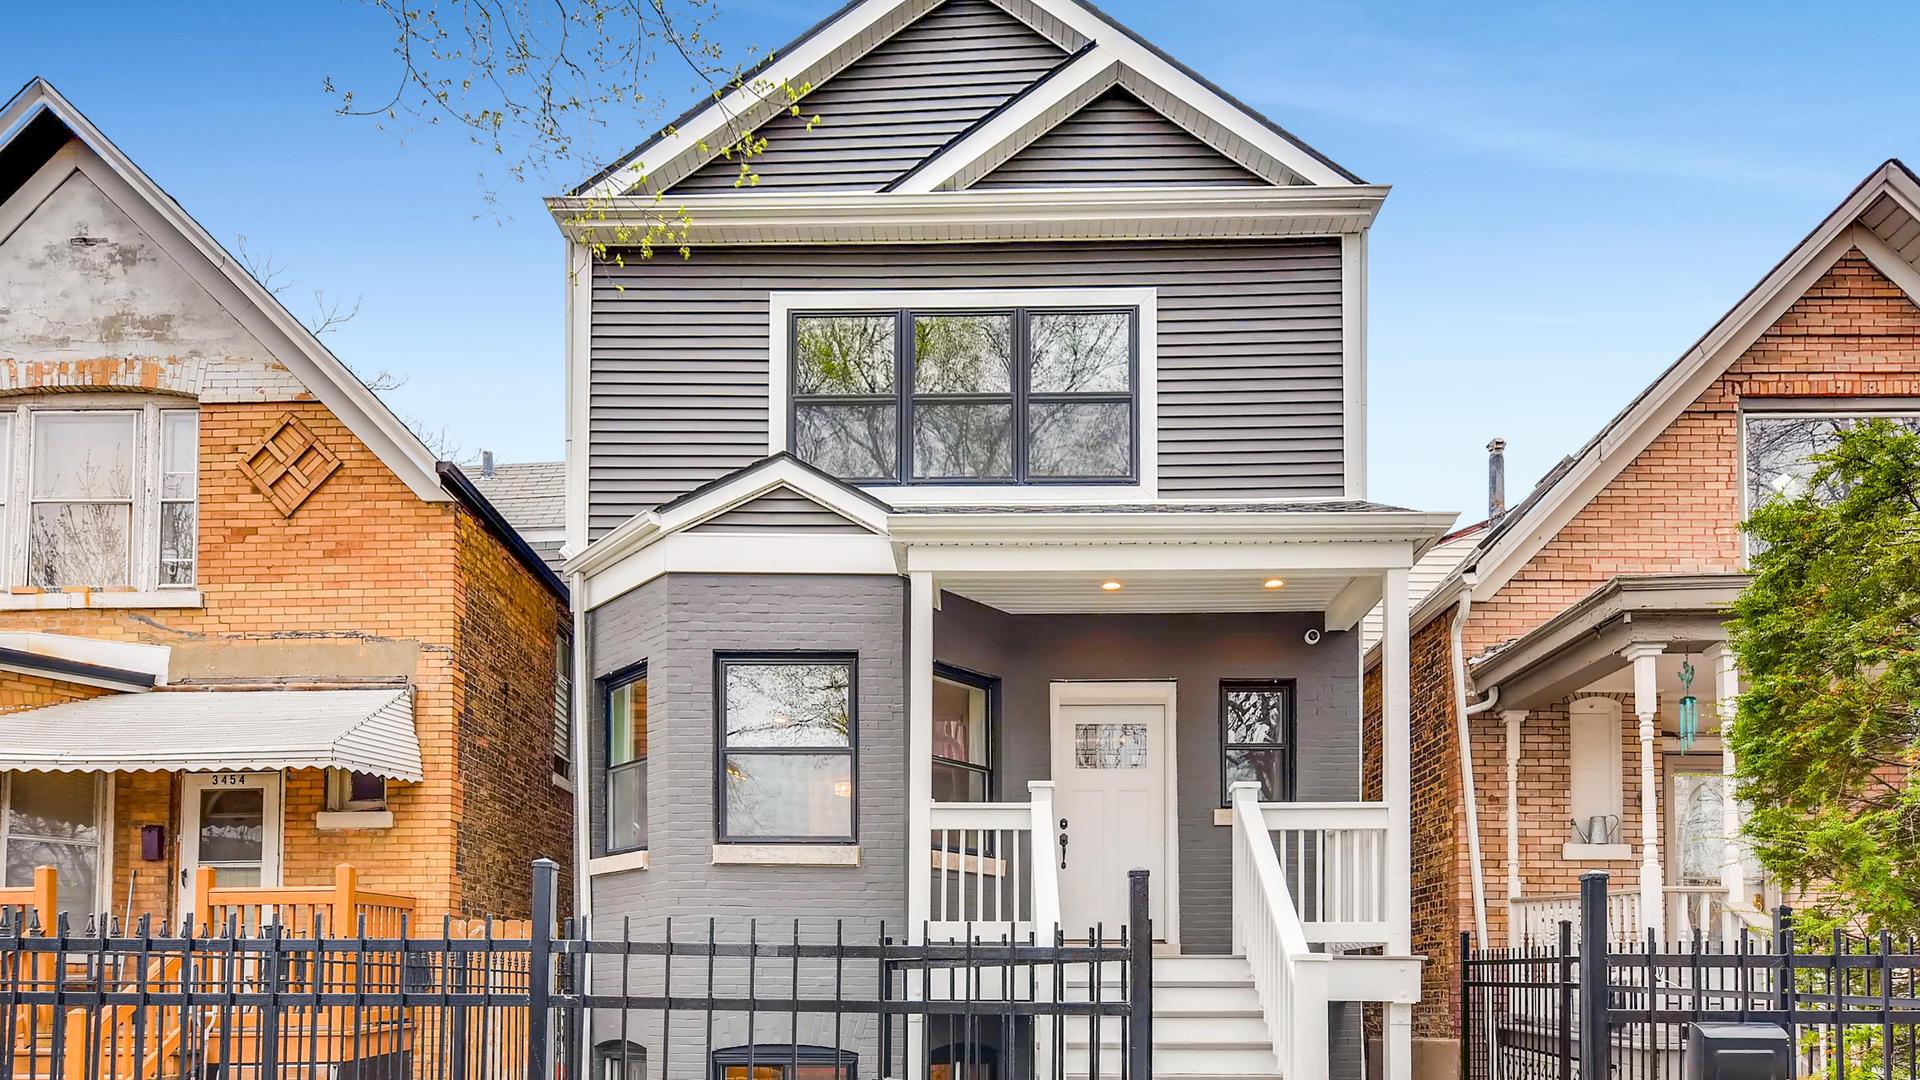 3452 WEST HIRSCH STREET, CHICAGO, IL 60651